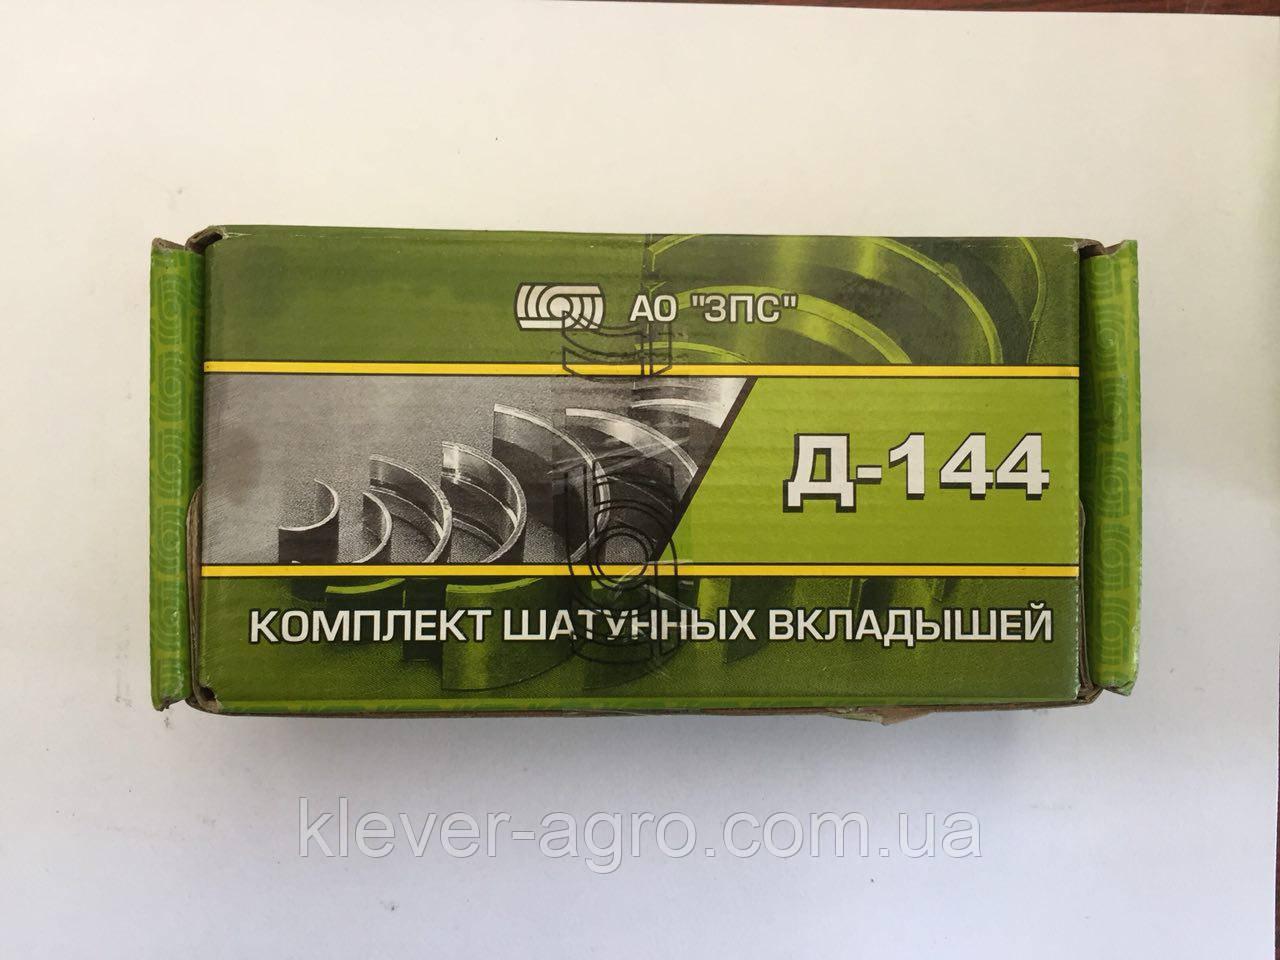 Вкладыши шатунные Р1 Д 144 АО10-С2 (пр-во ЗПС, г.Тамбов)